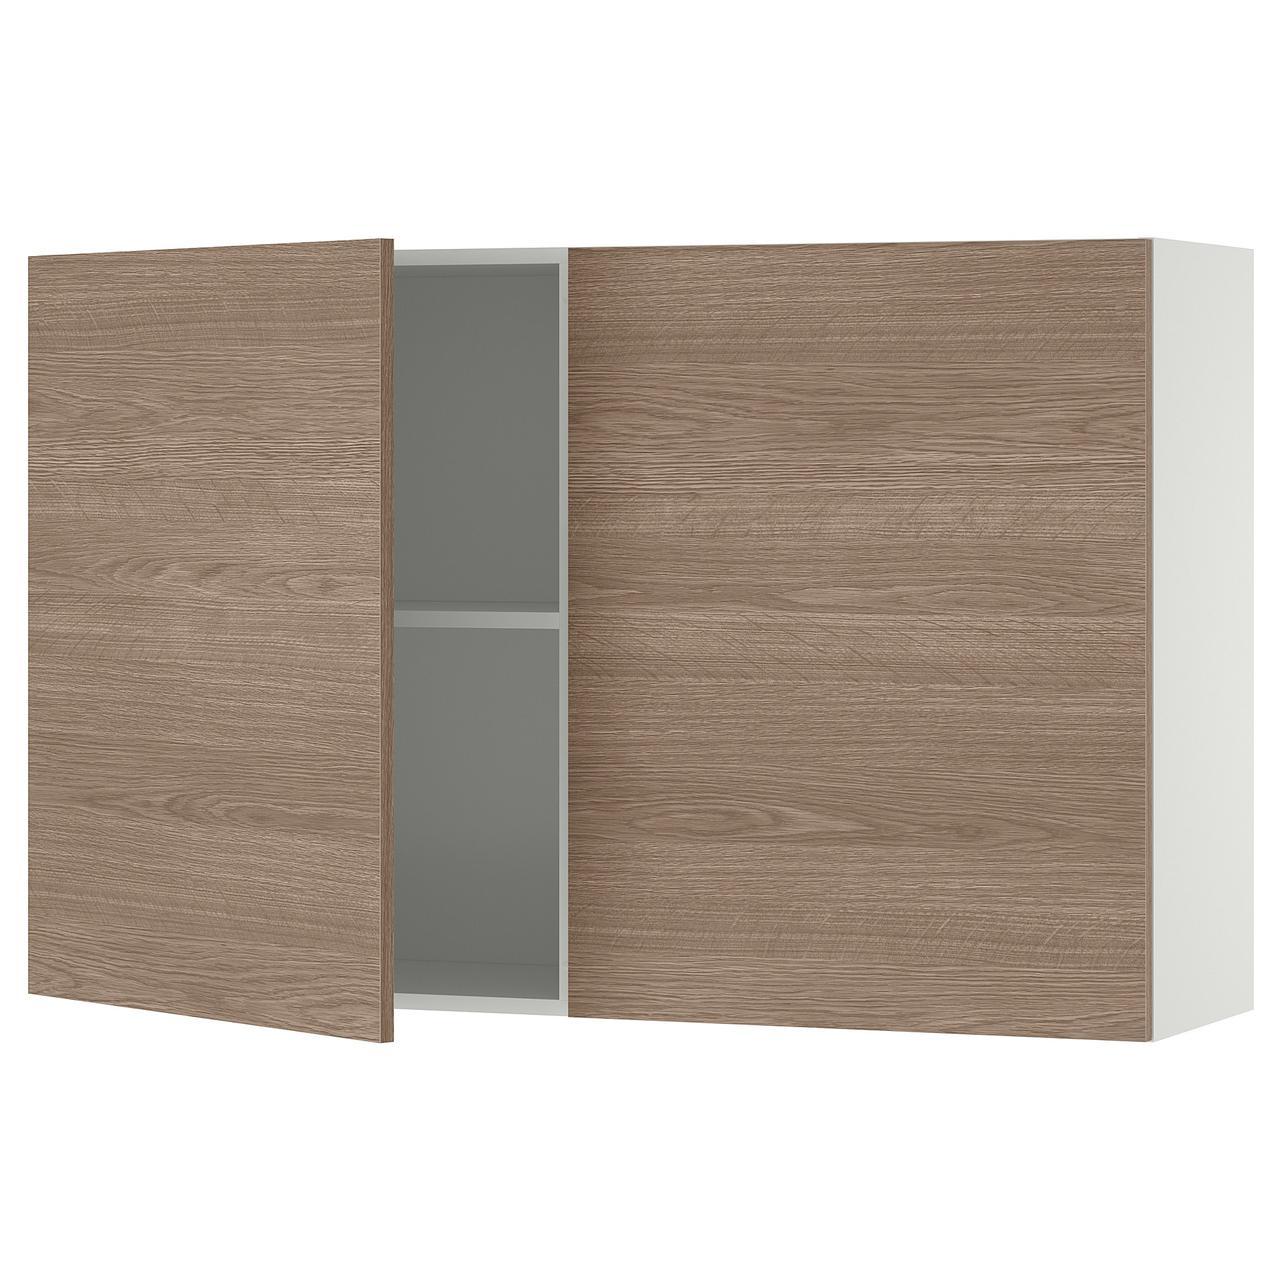 КНОКСХУЛЬТ Навесной шкаф с дверями, под дерево, серый